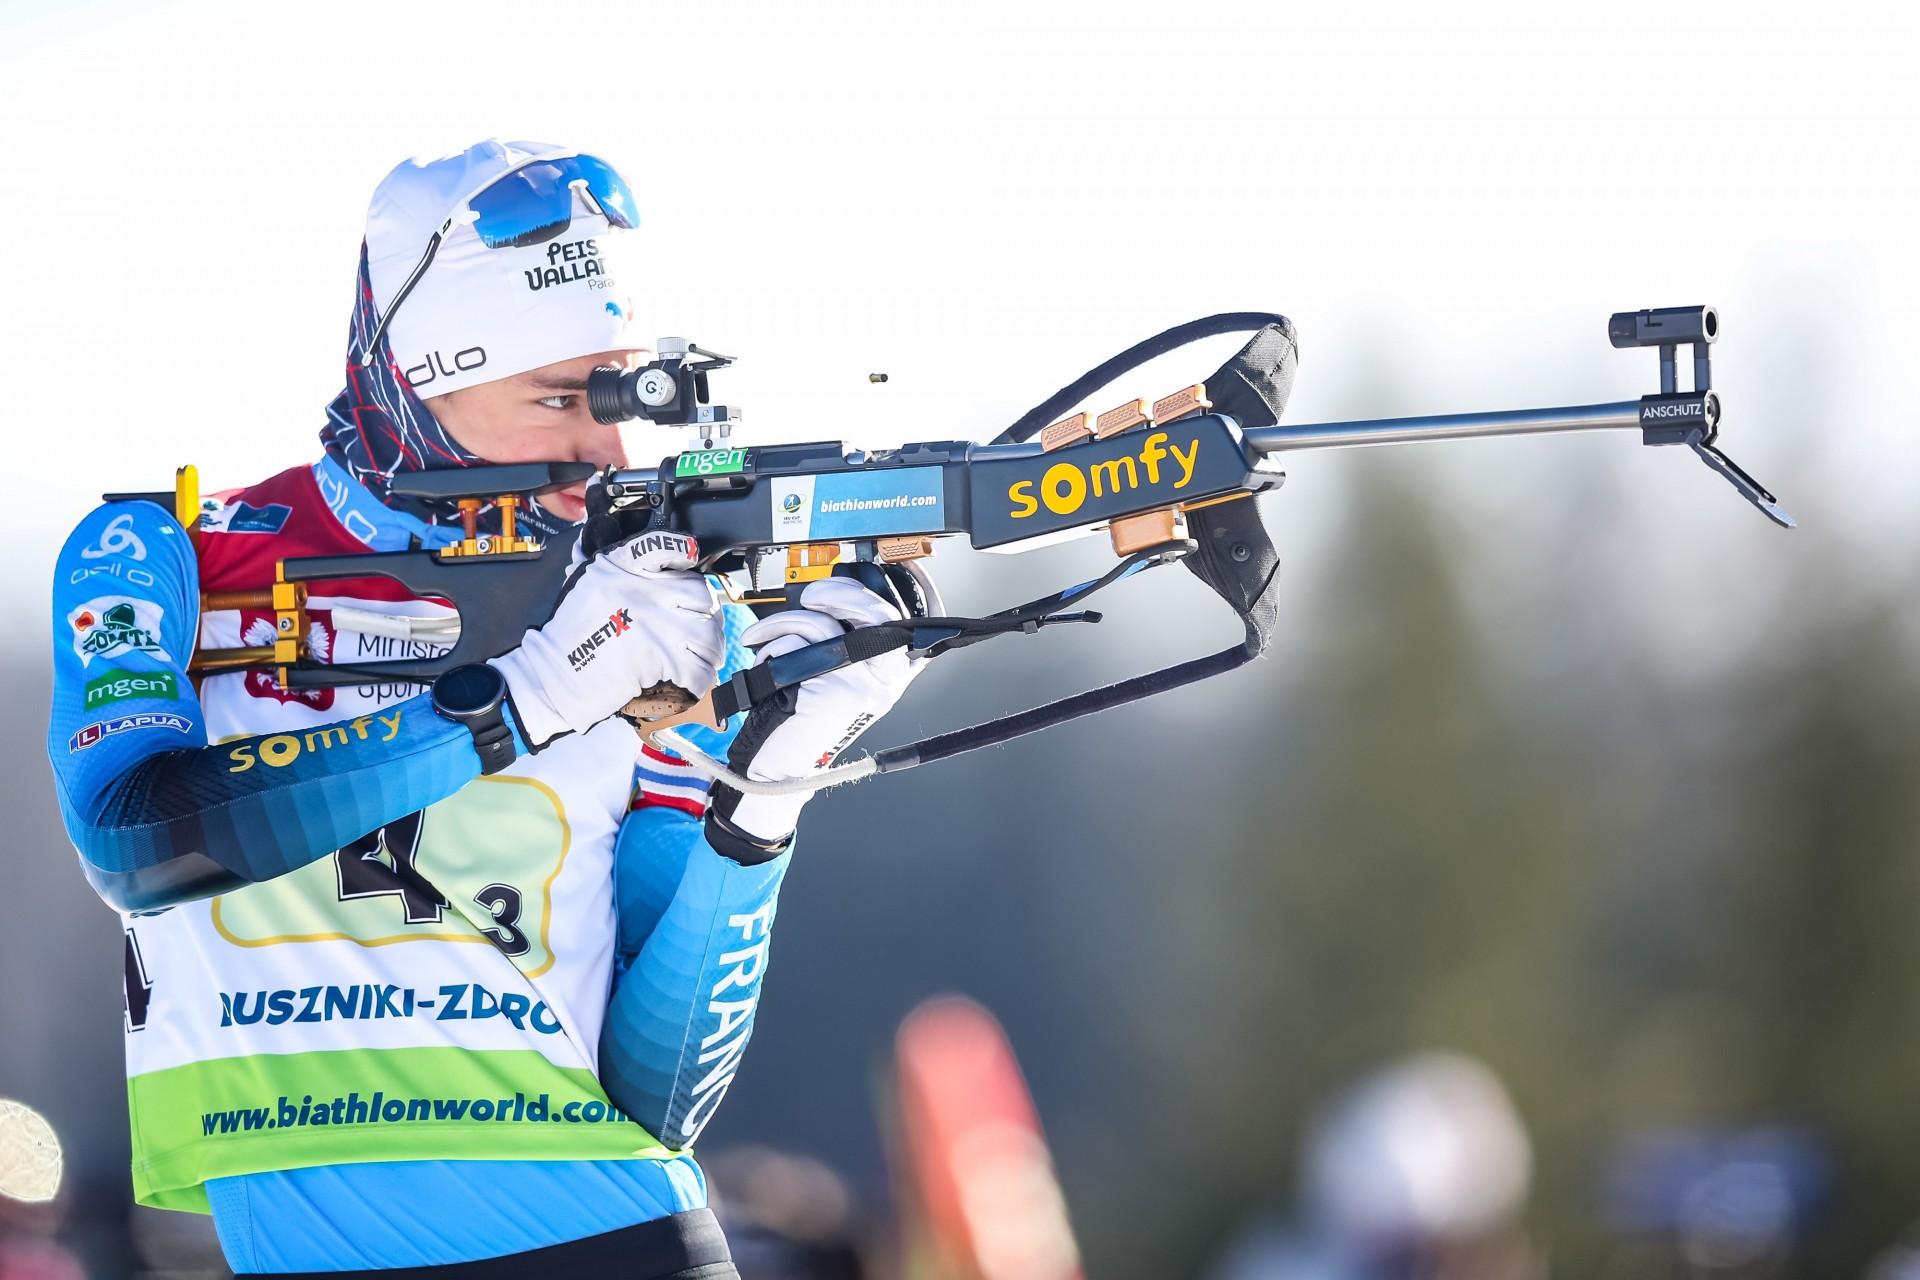 eric-perrot-biathlon-k-voigt-fotografie-53396